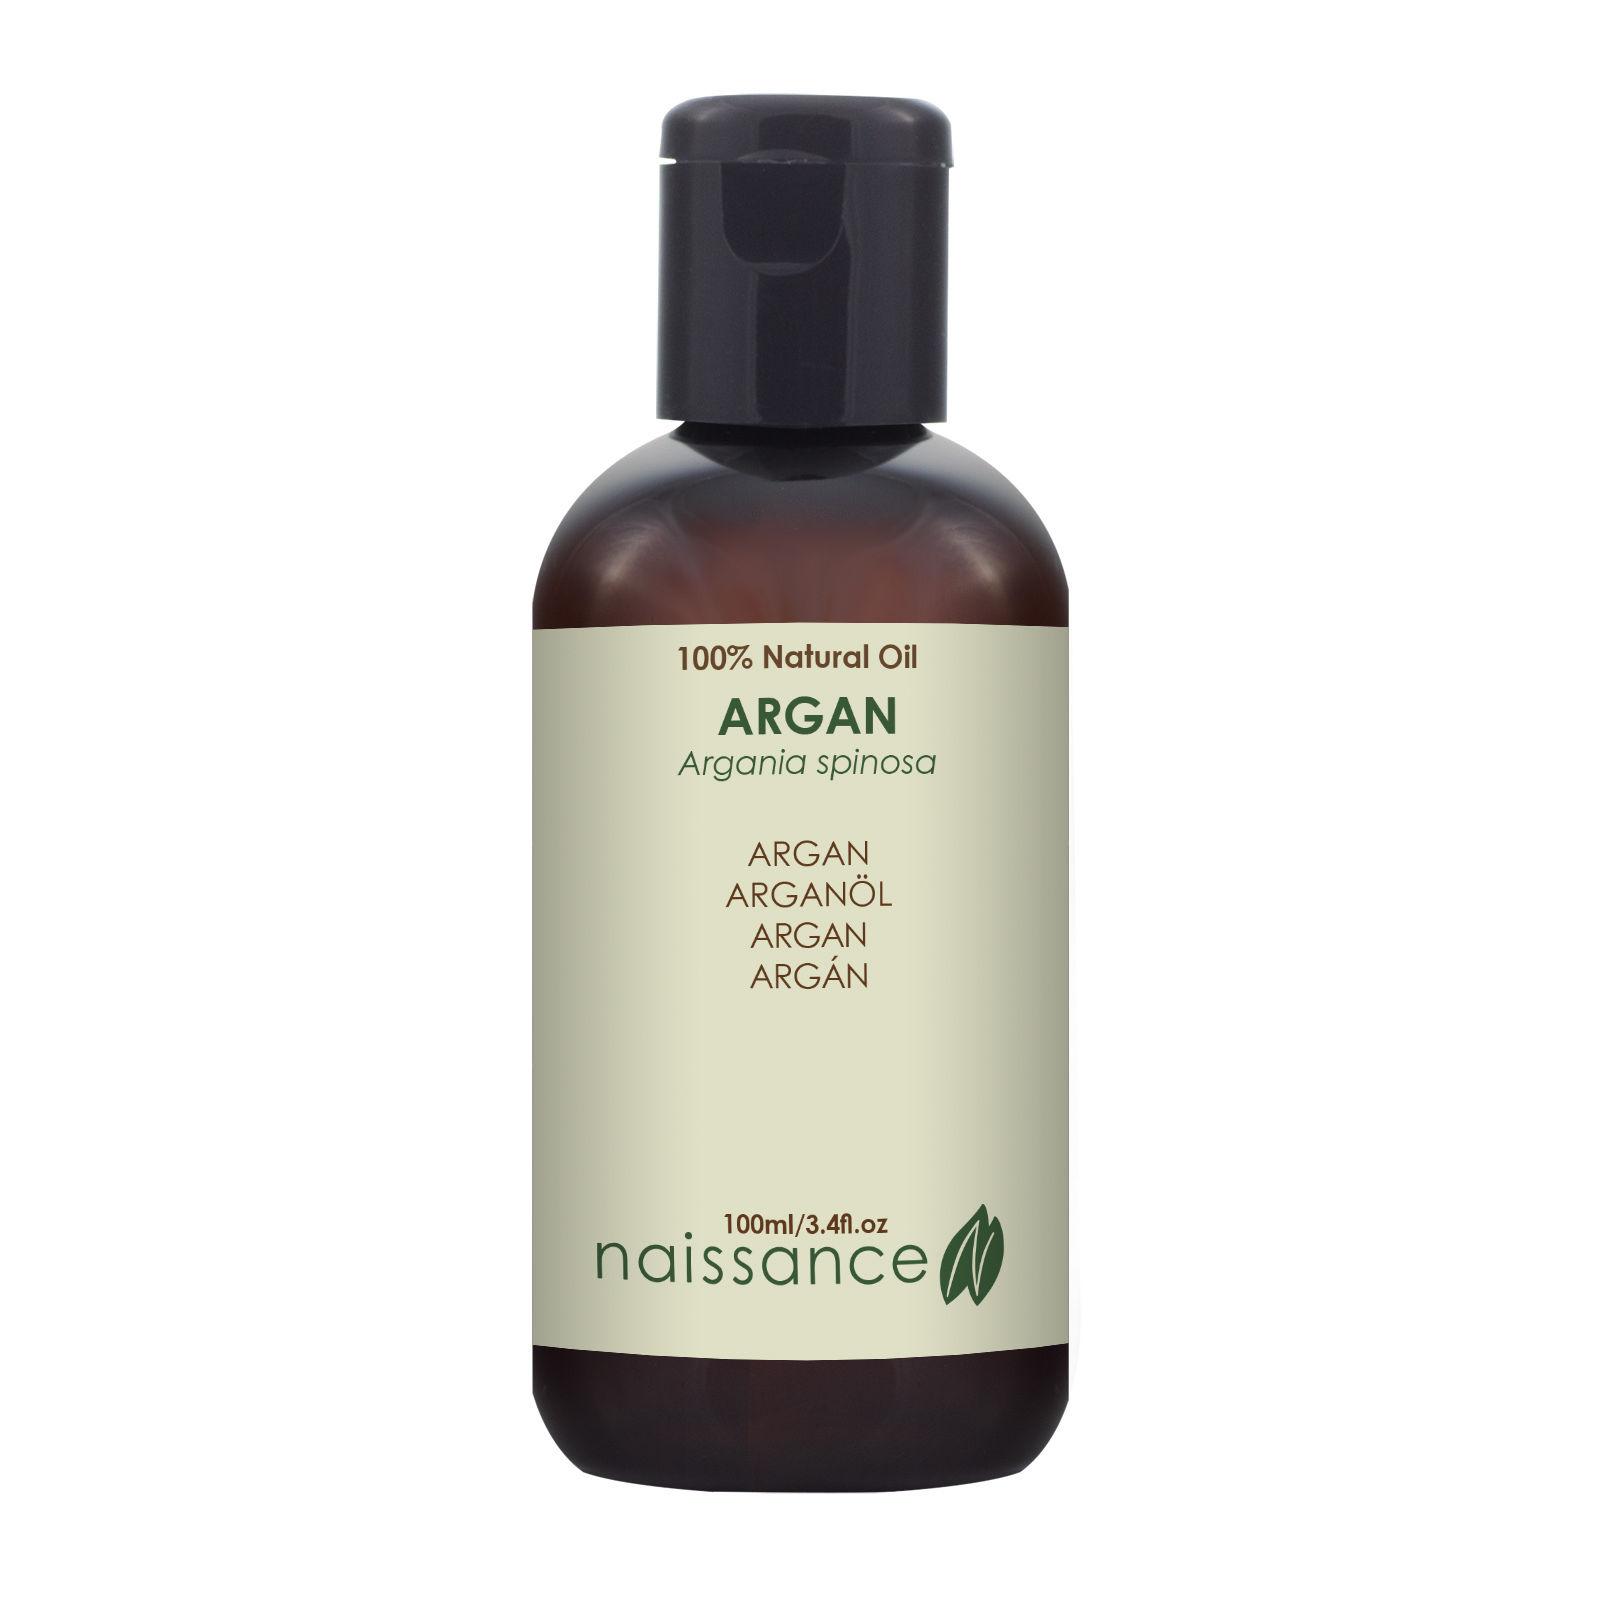 Naissance Arganöl - 100ml - 100% rein